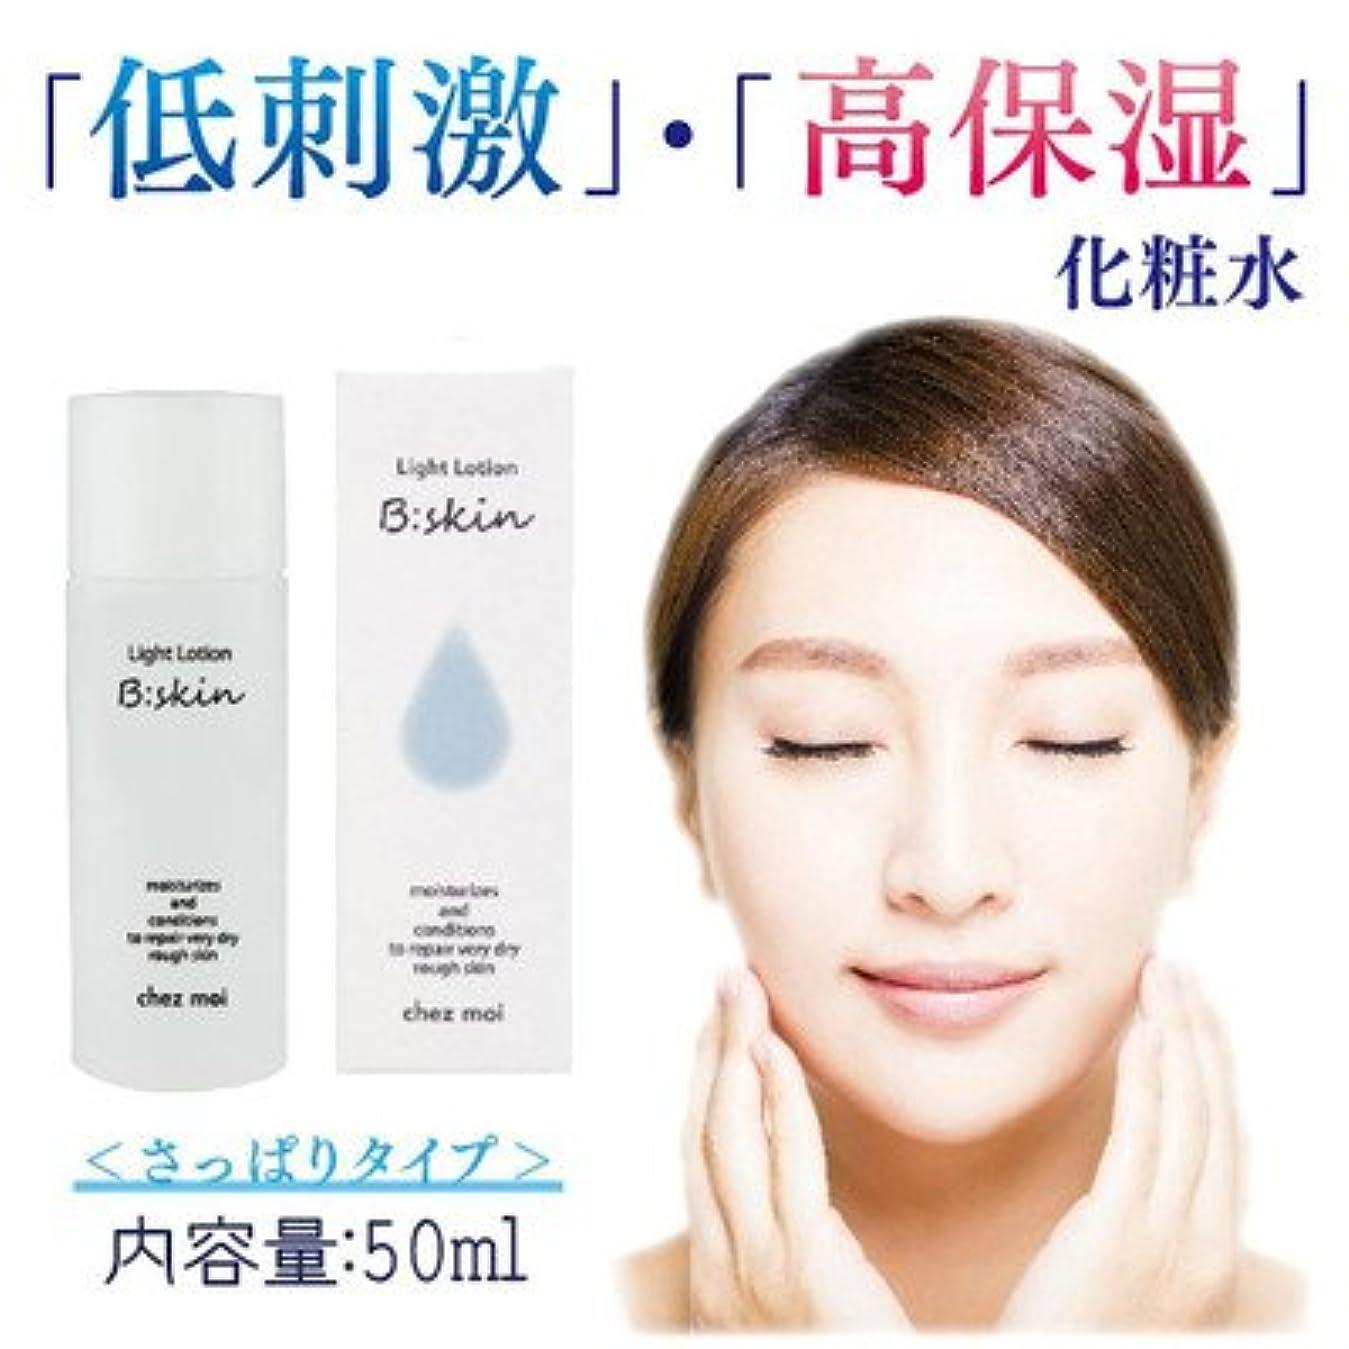 事前に蜂日帰り旅行に低刺激 高保湿 さっぱりタイプの化粧水 B:skin ビースキン Light Lotion ライトローション さっぱりタイプ 化粧水 50mL